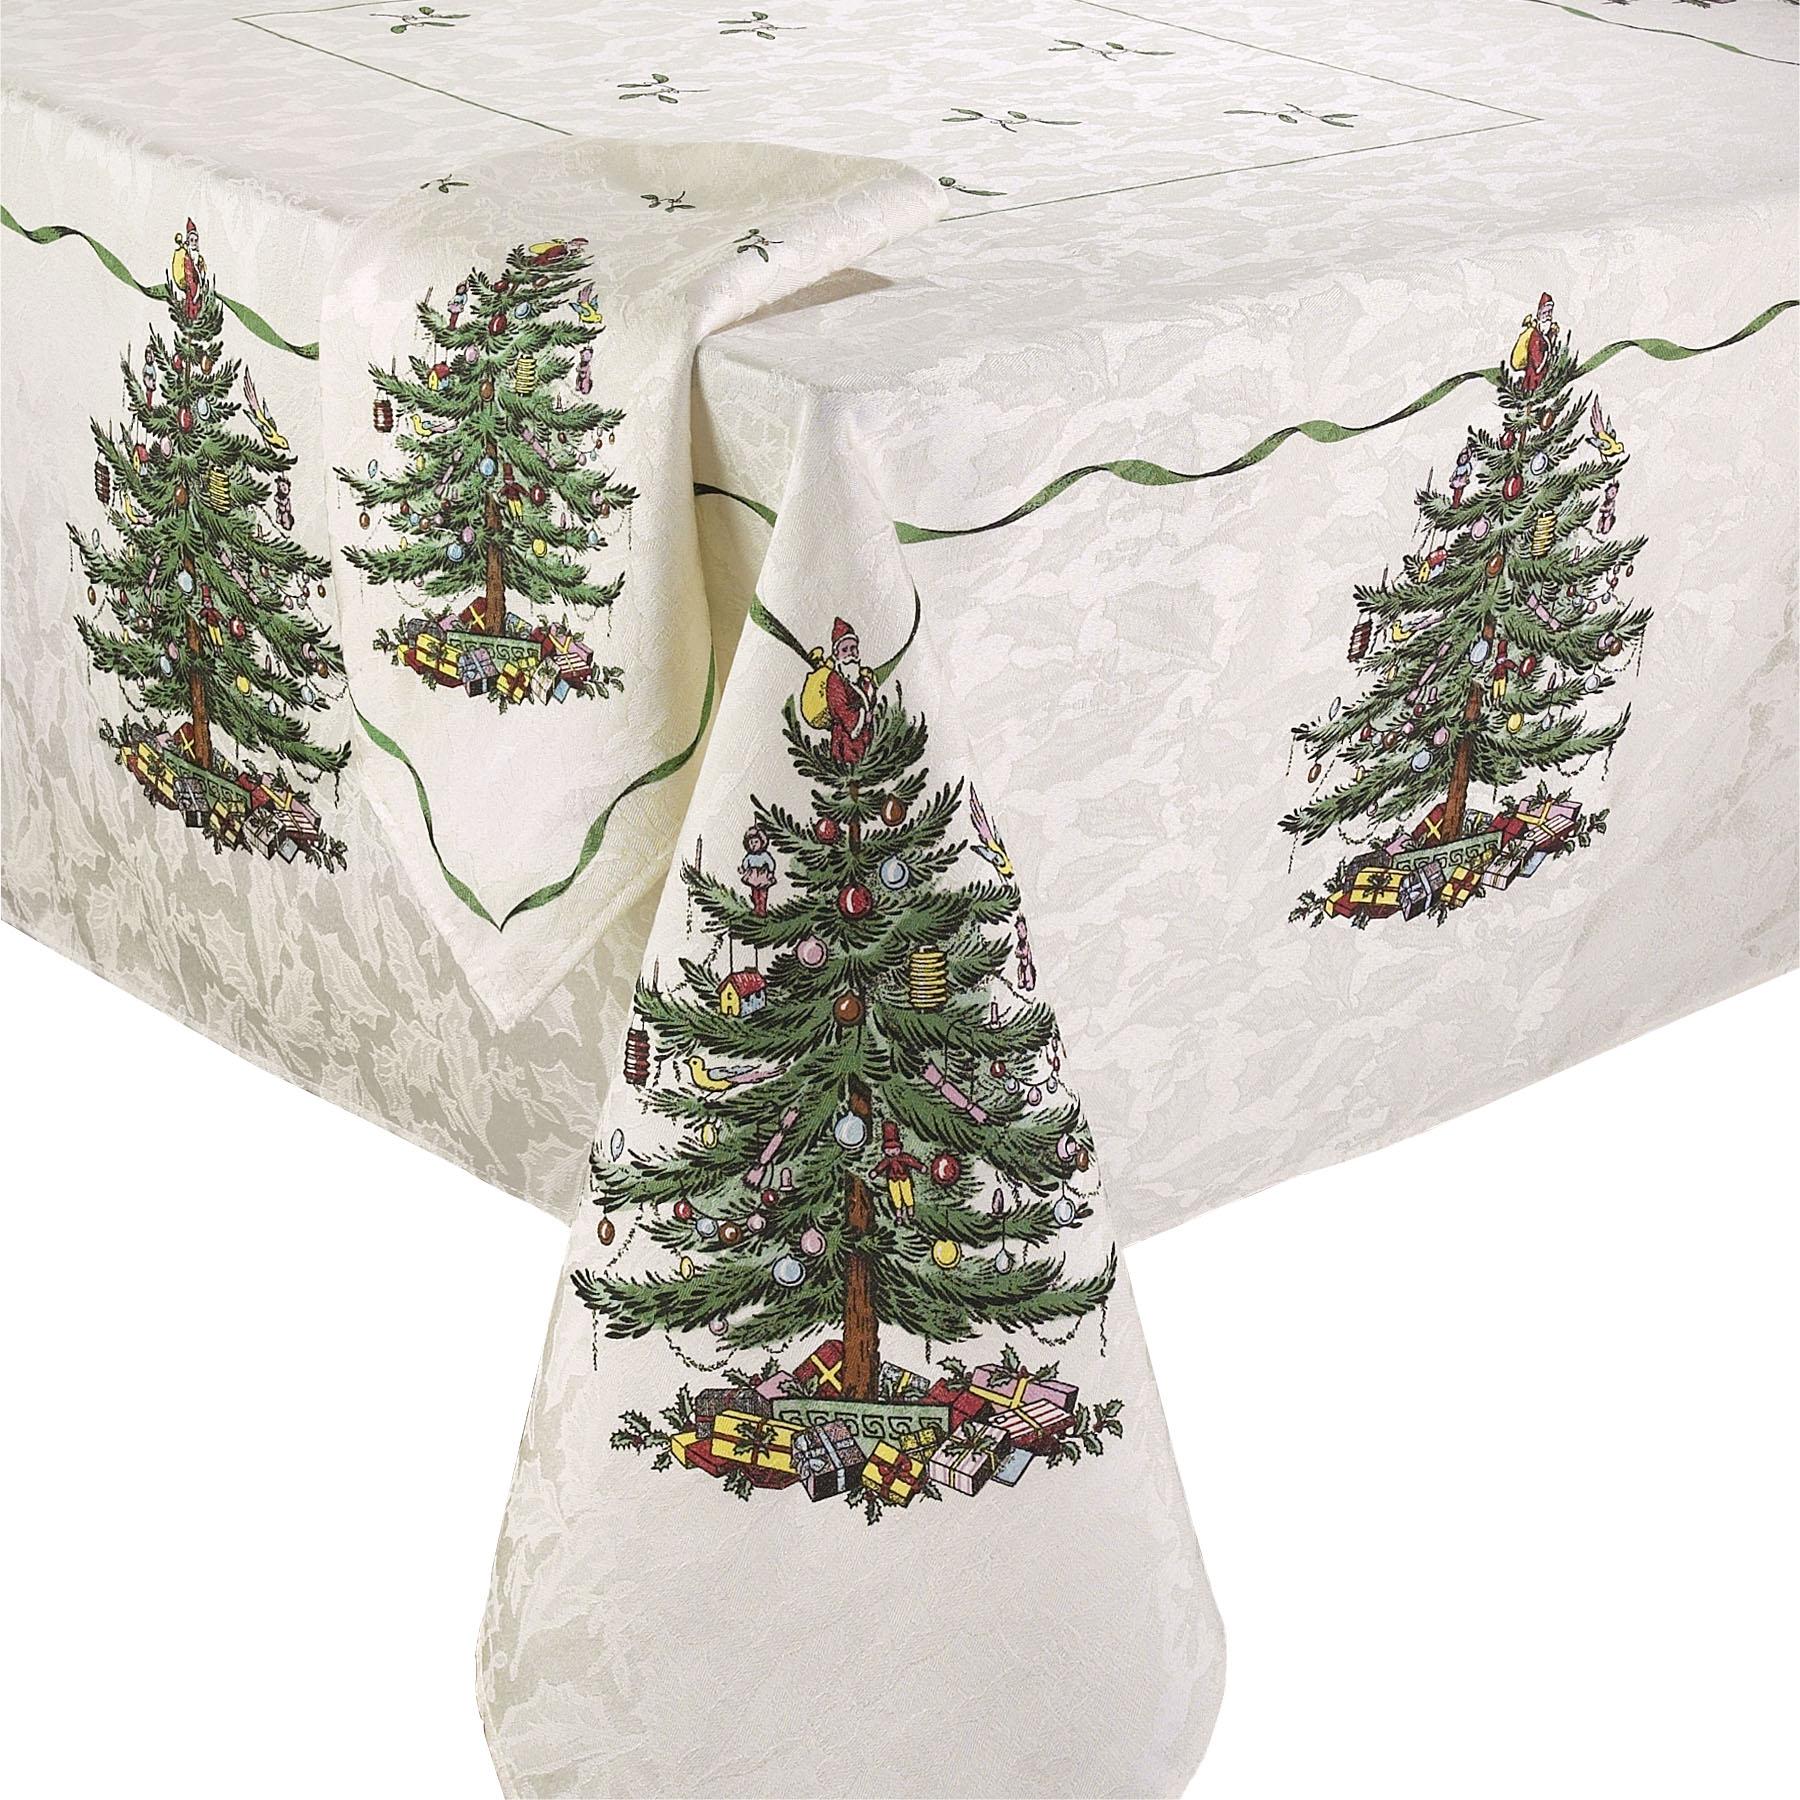 Кухонная скатерть прямоугольная 152х259 см Spode Christmas Tree